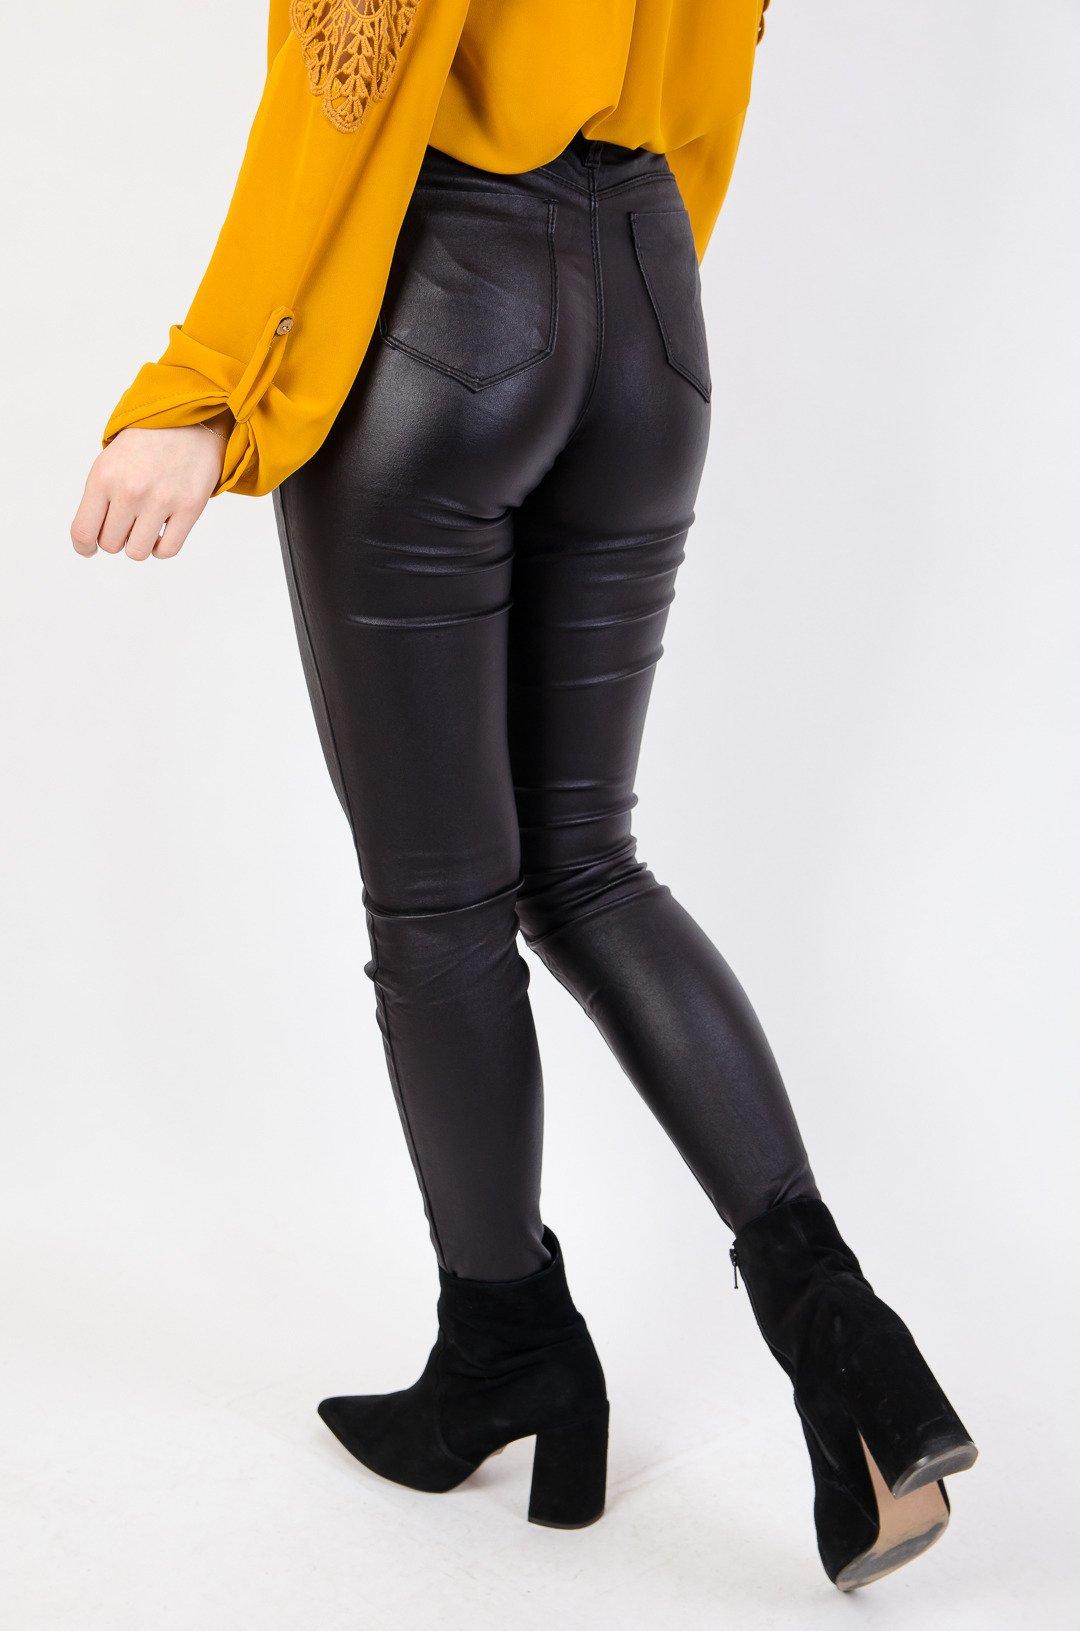 9b0ab44d32f378 Czarne spodnie skórkowe typu push up | NOWOŚCI KOLEKCJA \ Spodnie ...